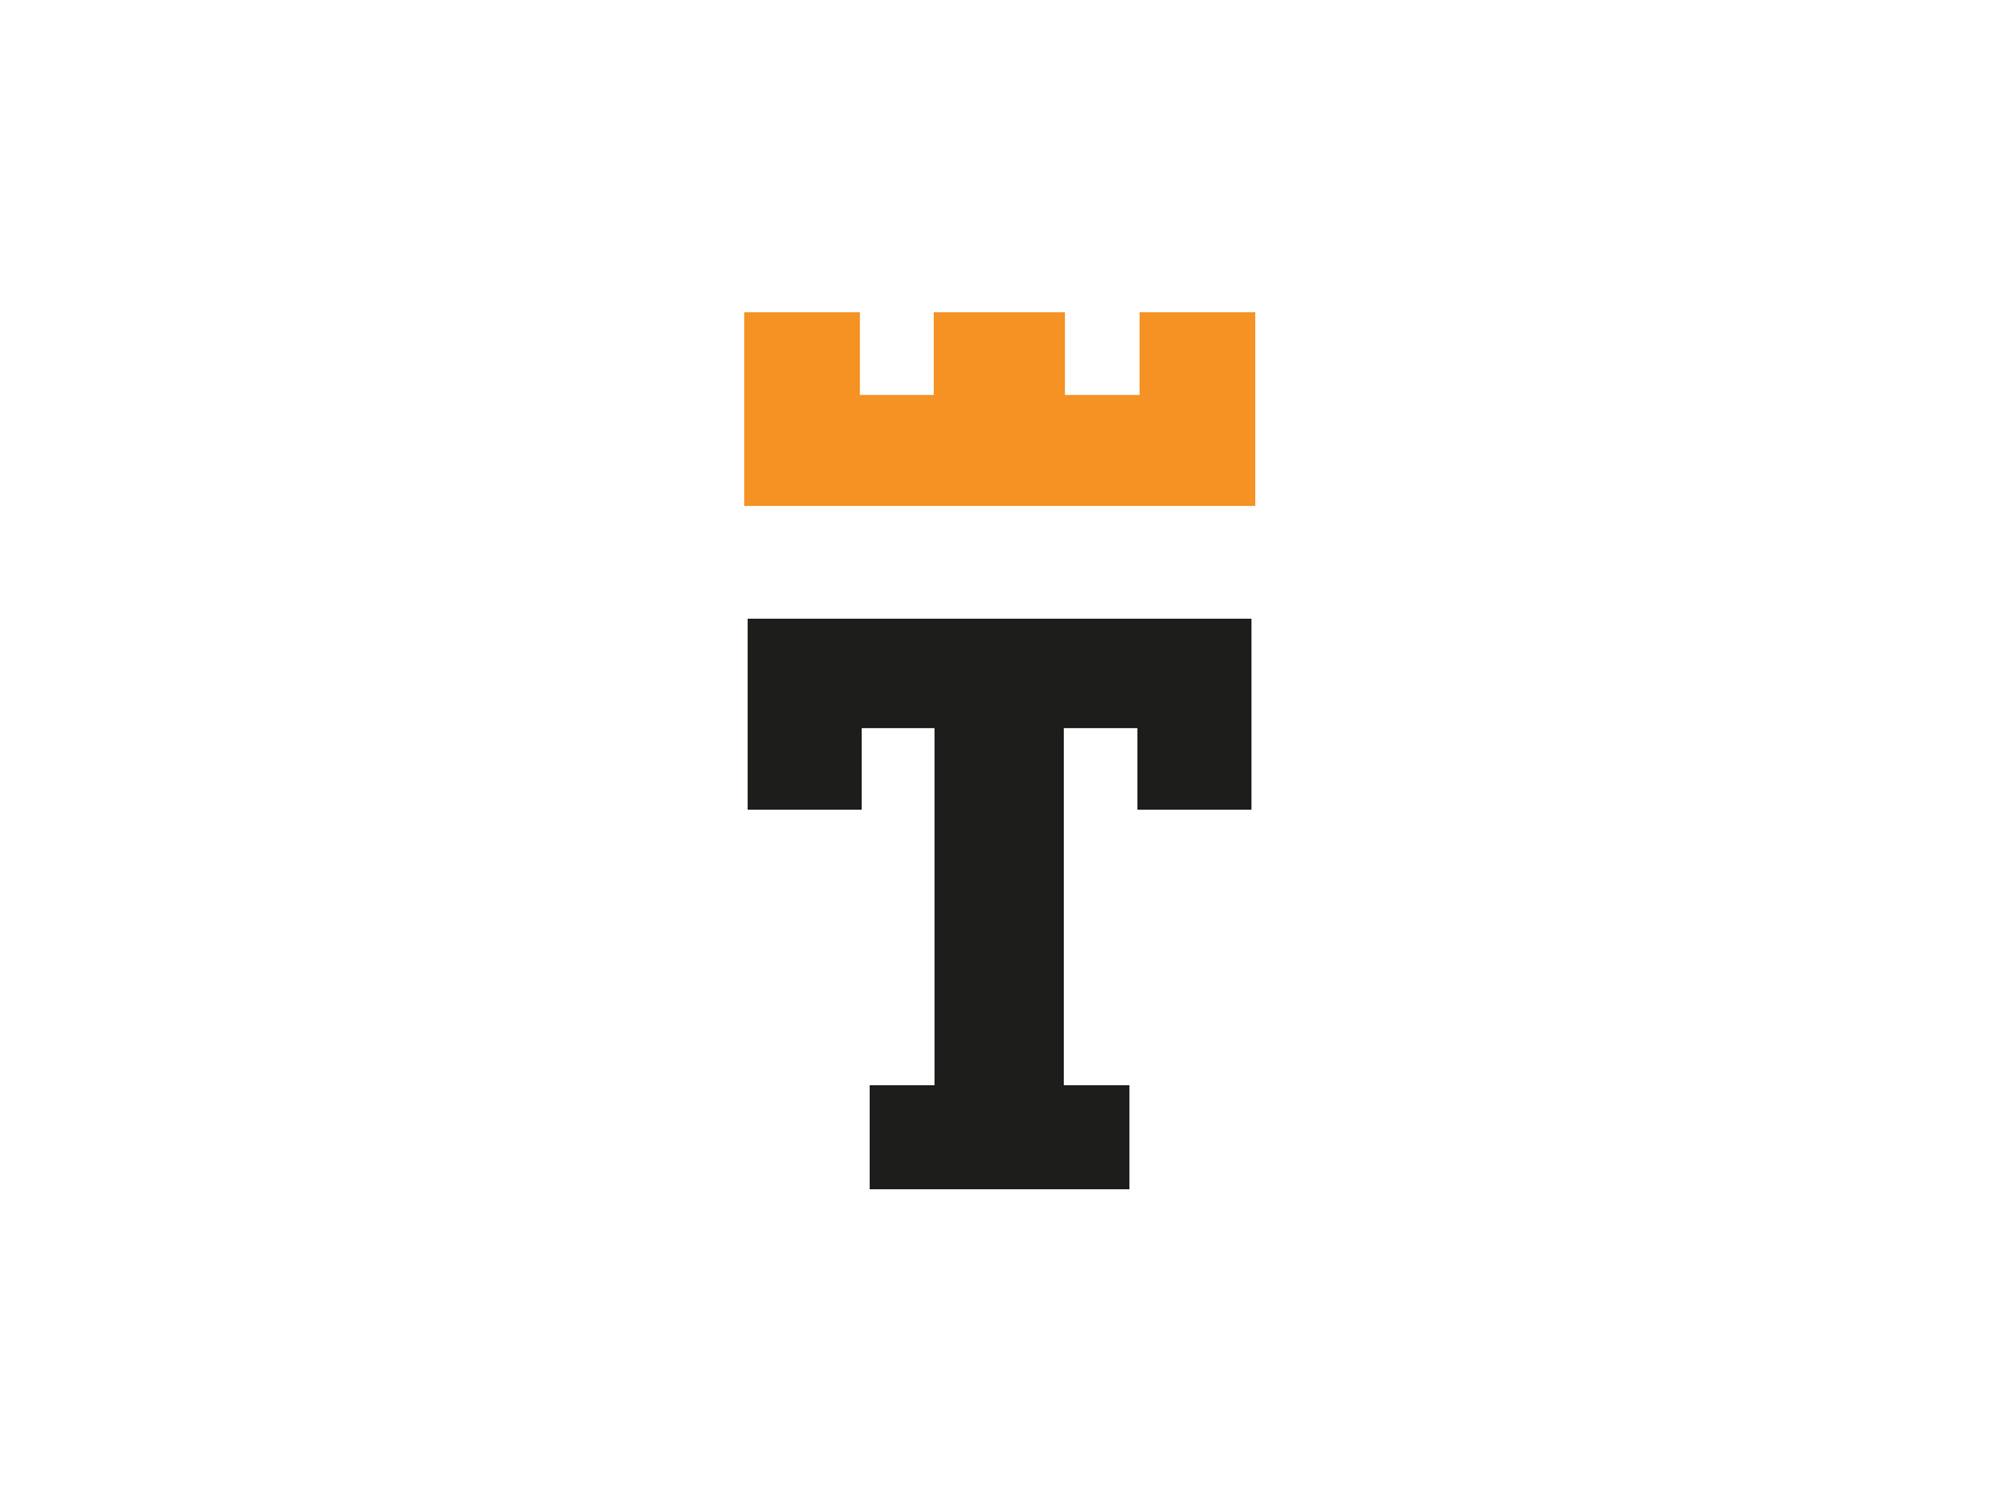 Visit-tones-for-left-bridge-logo-J.jpg